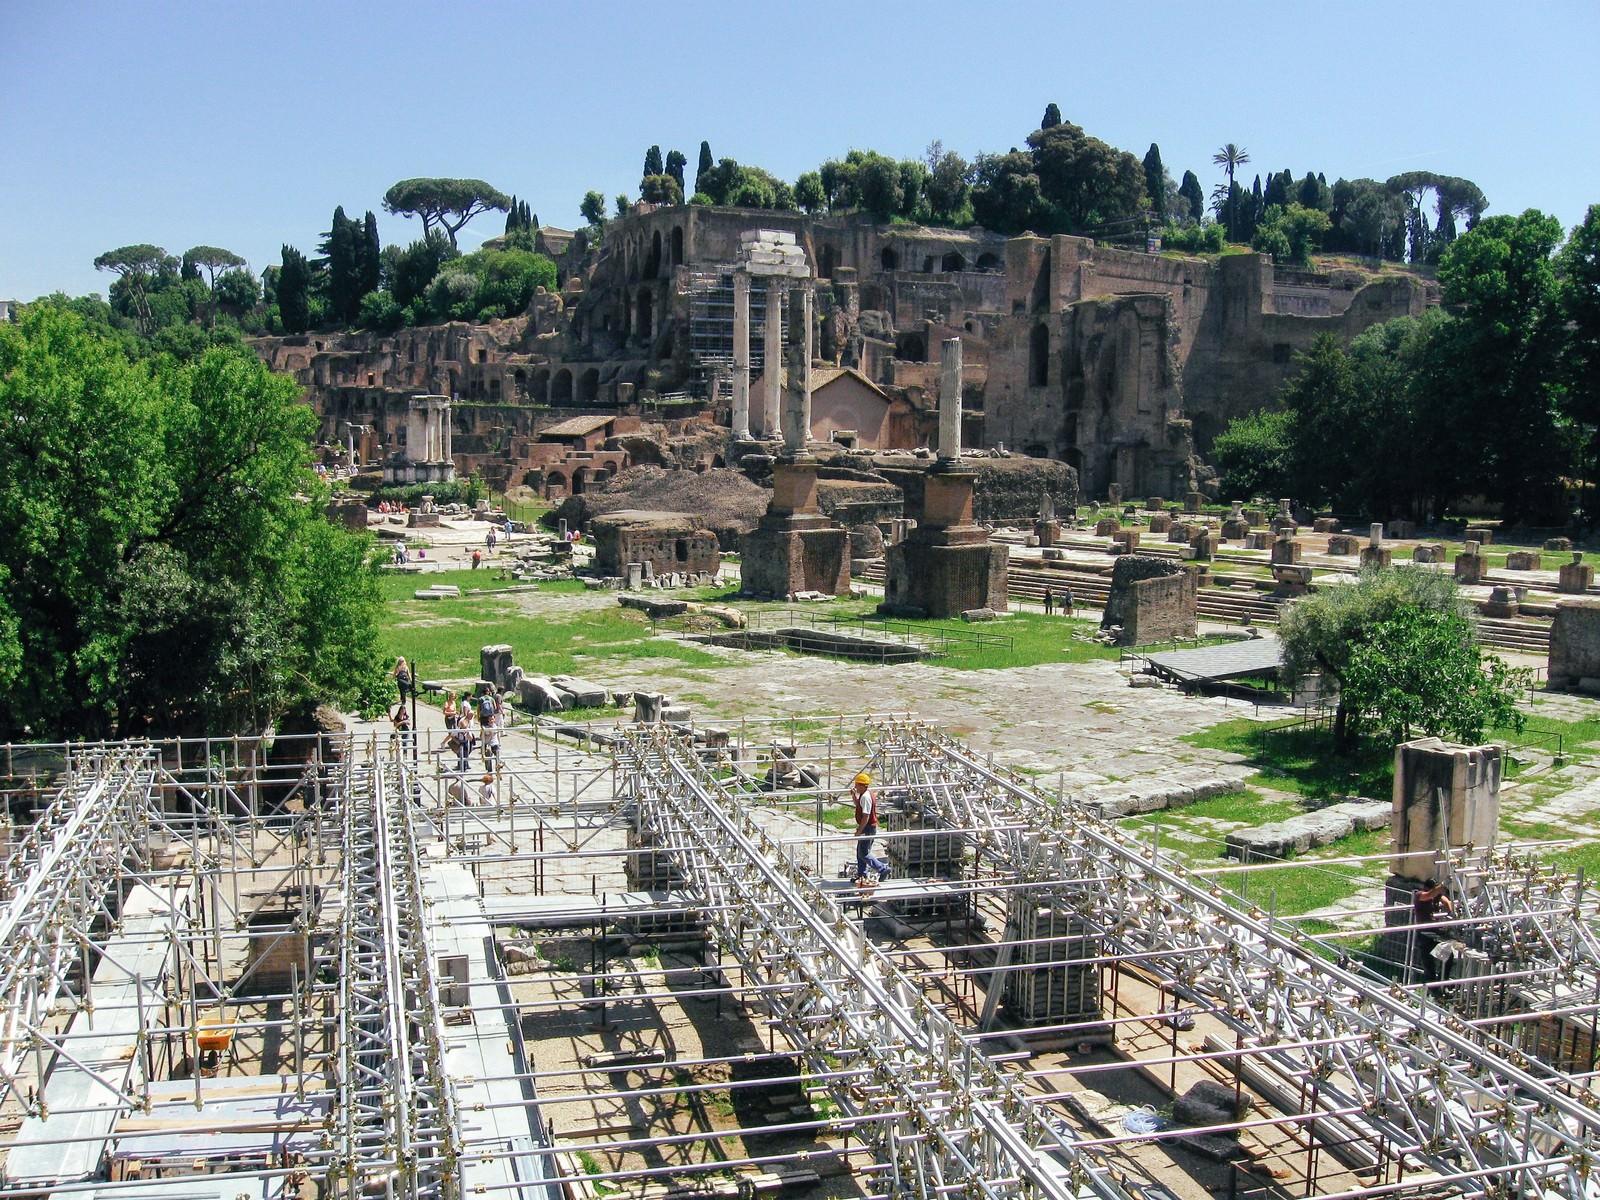 「ローマにある修復中の遺跡(フォロロマーノ)」の写真